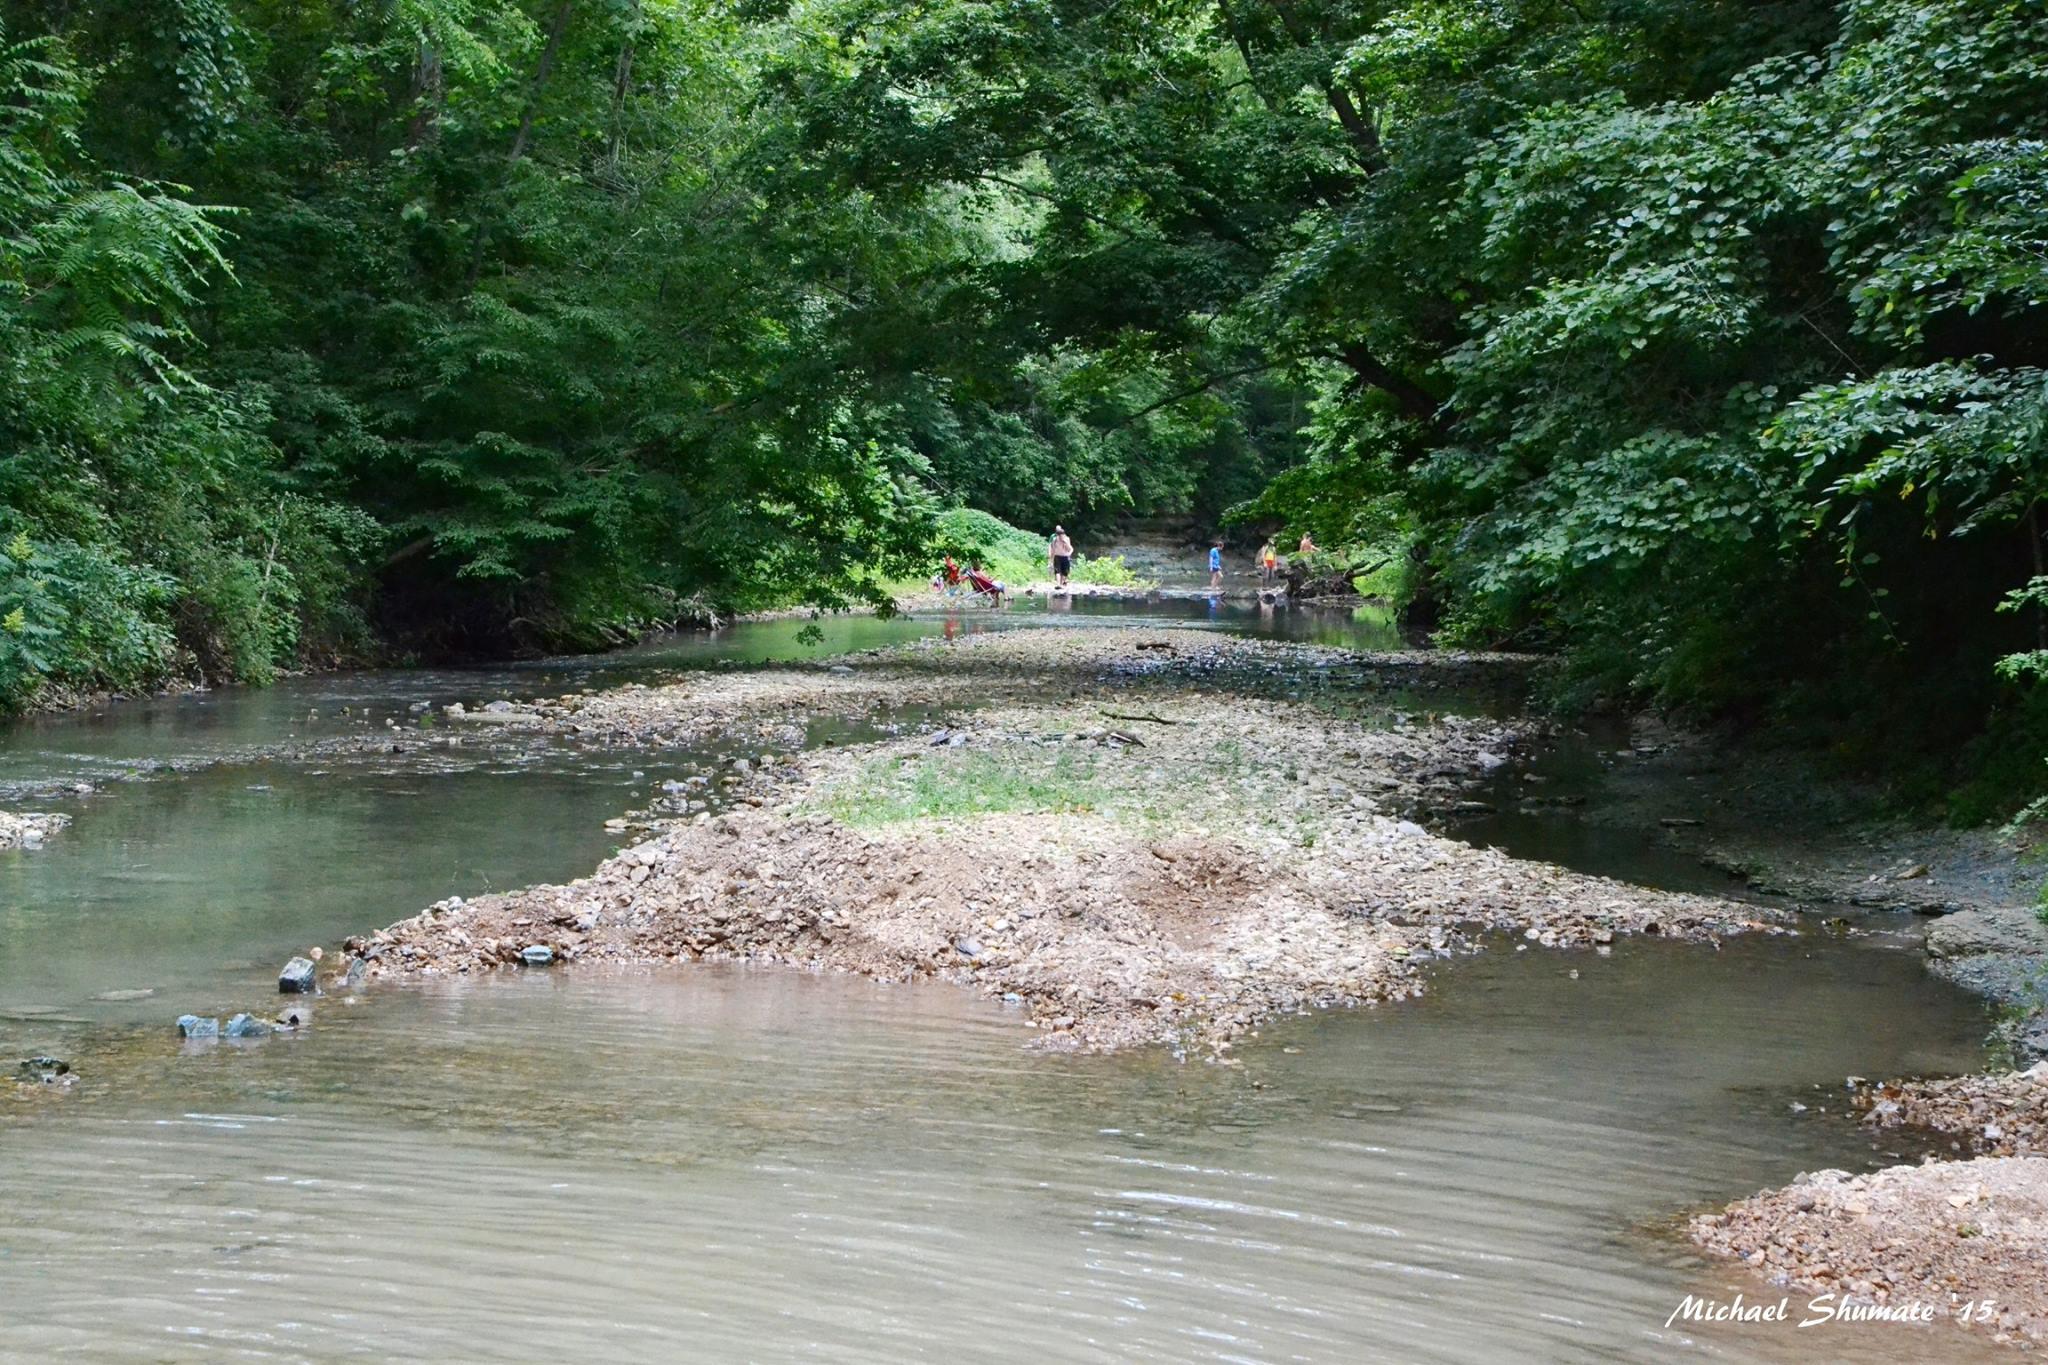 creek people, woods, serene